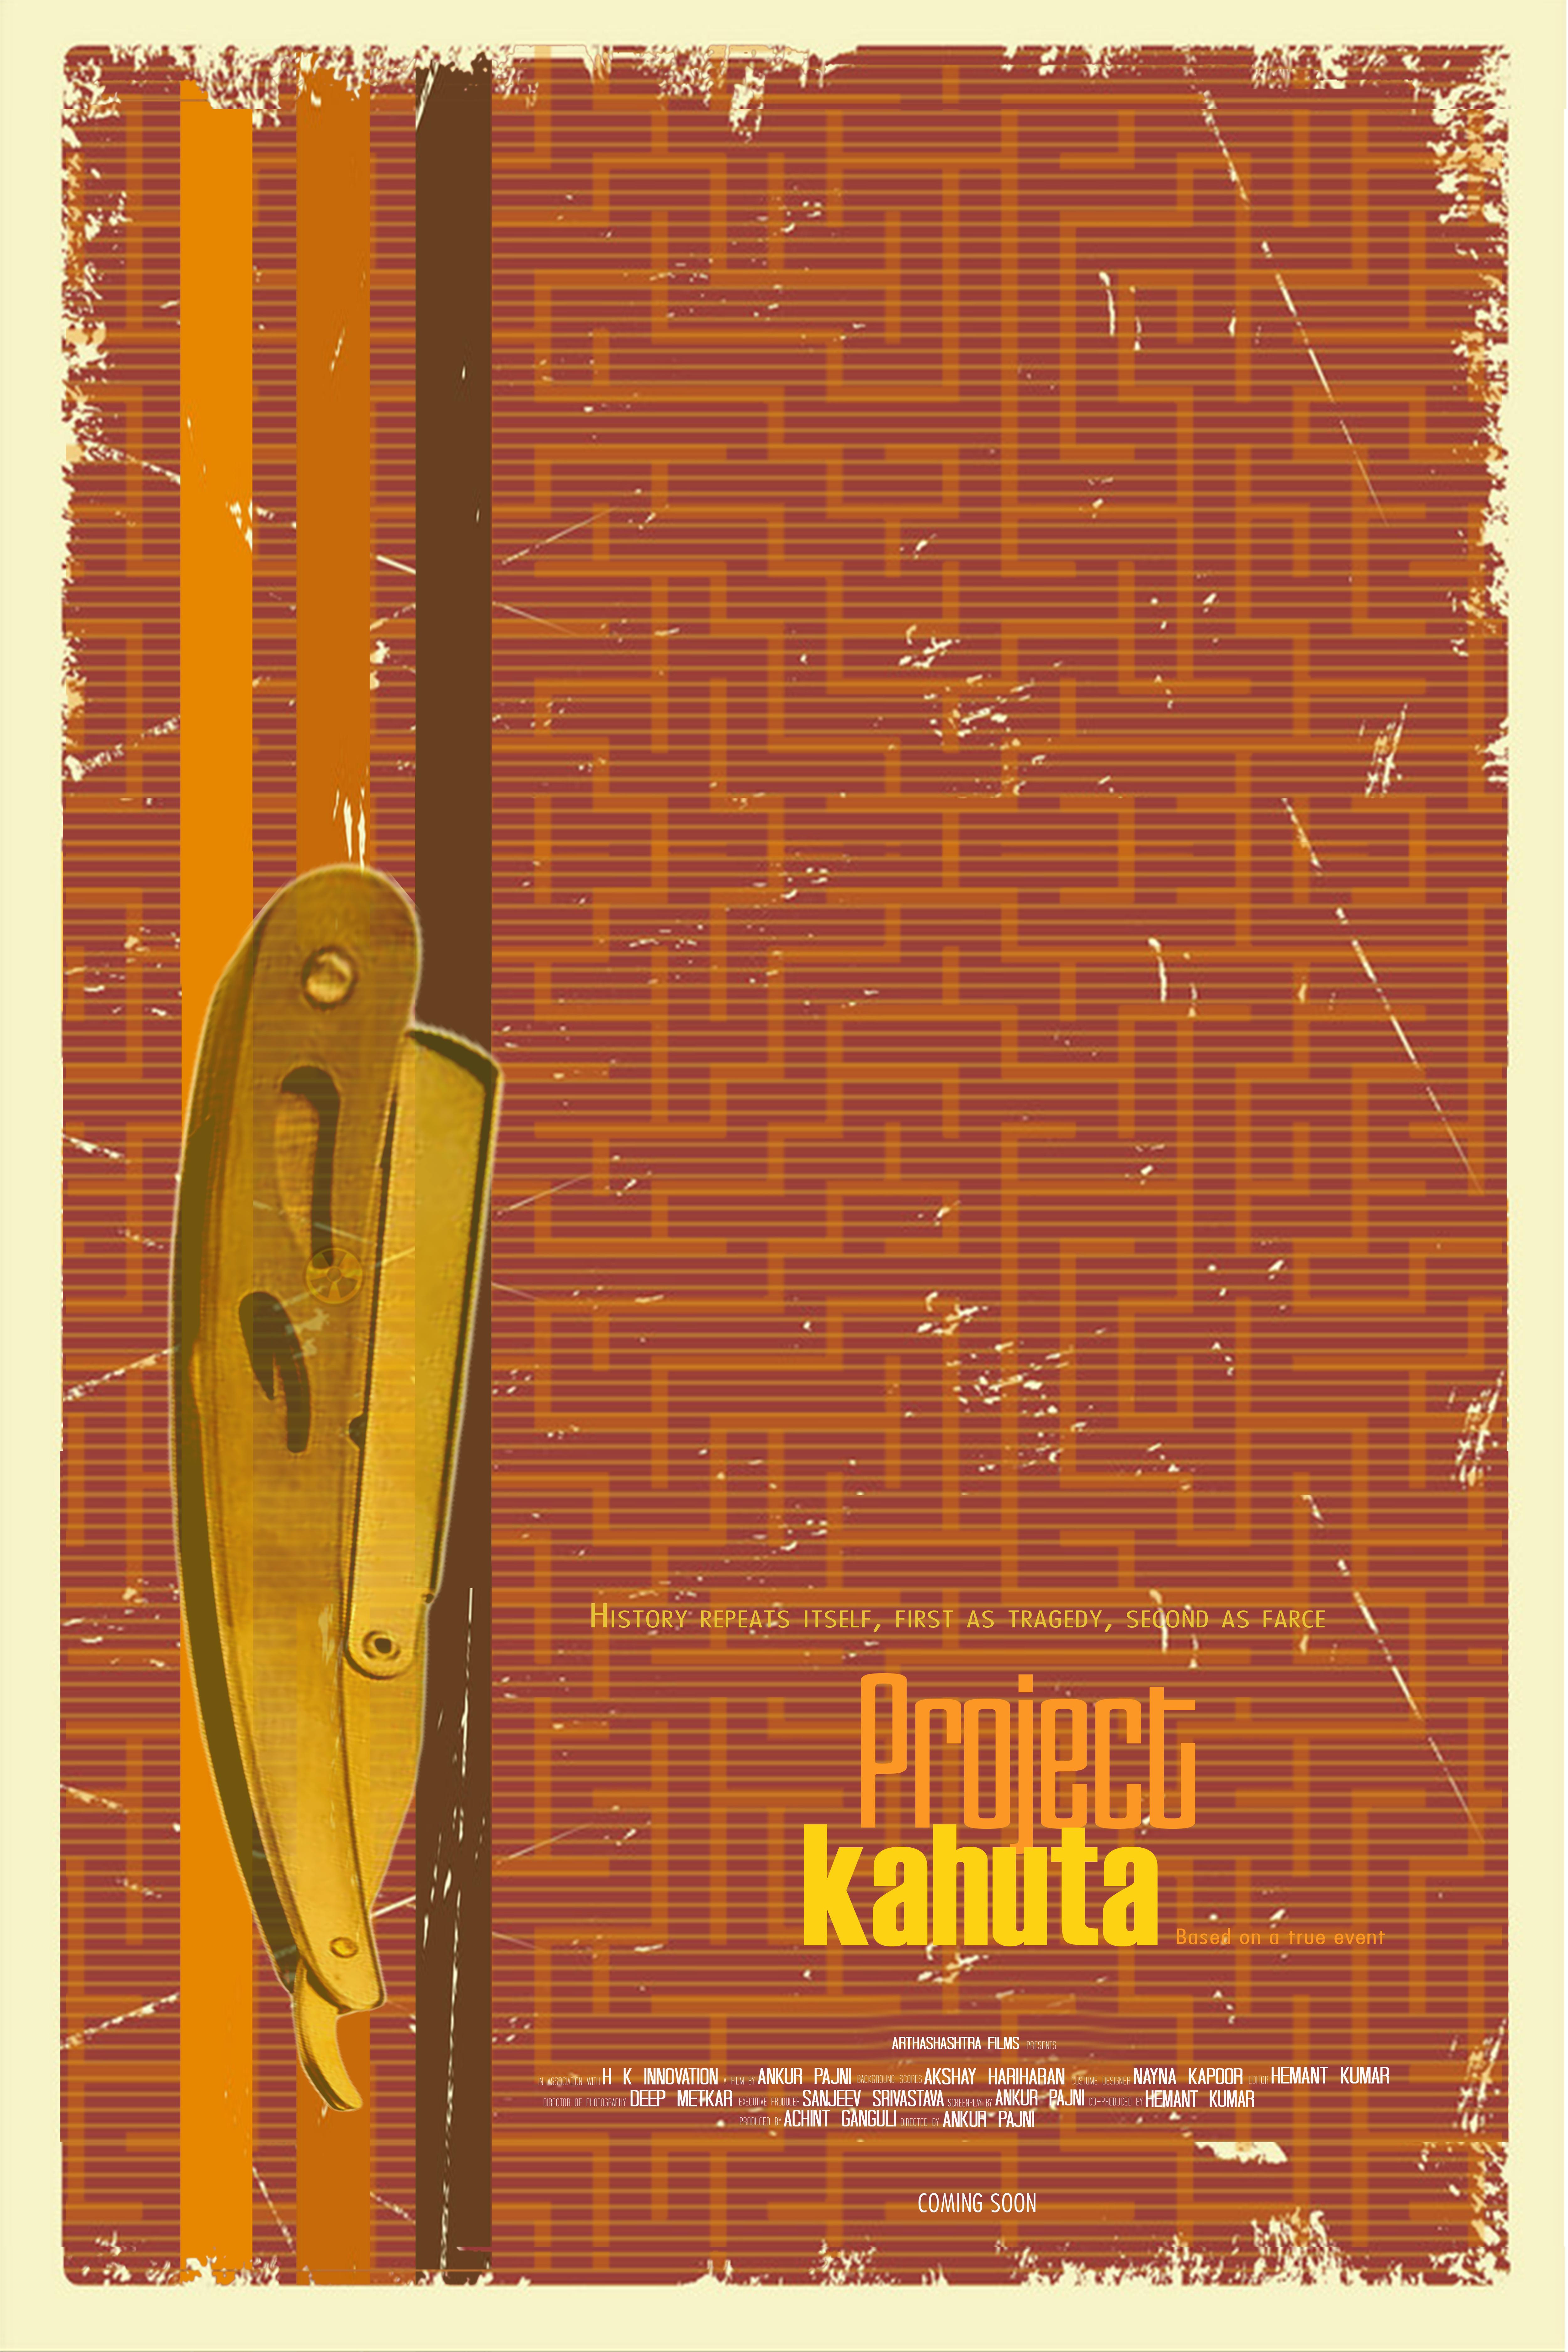 Project Kahuta